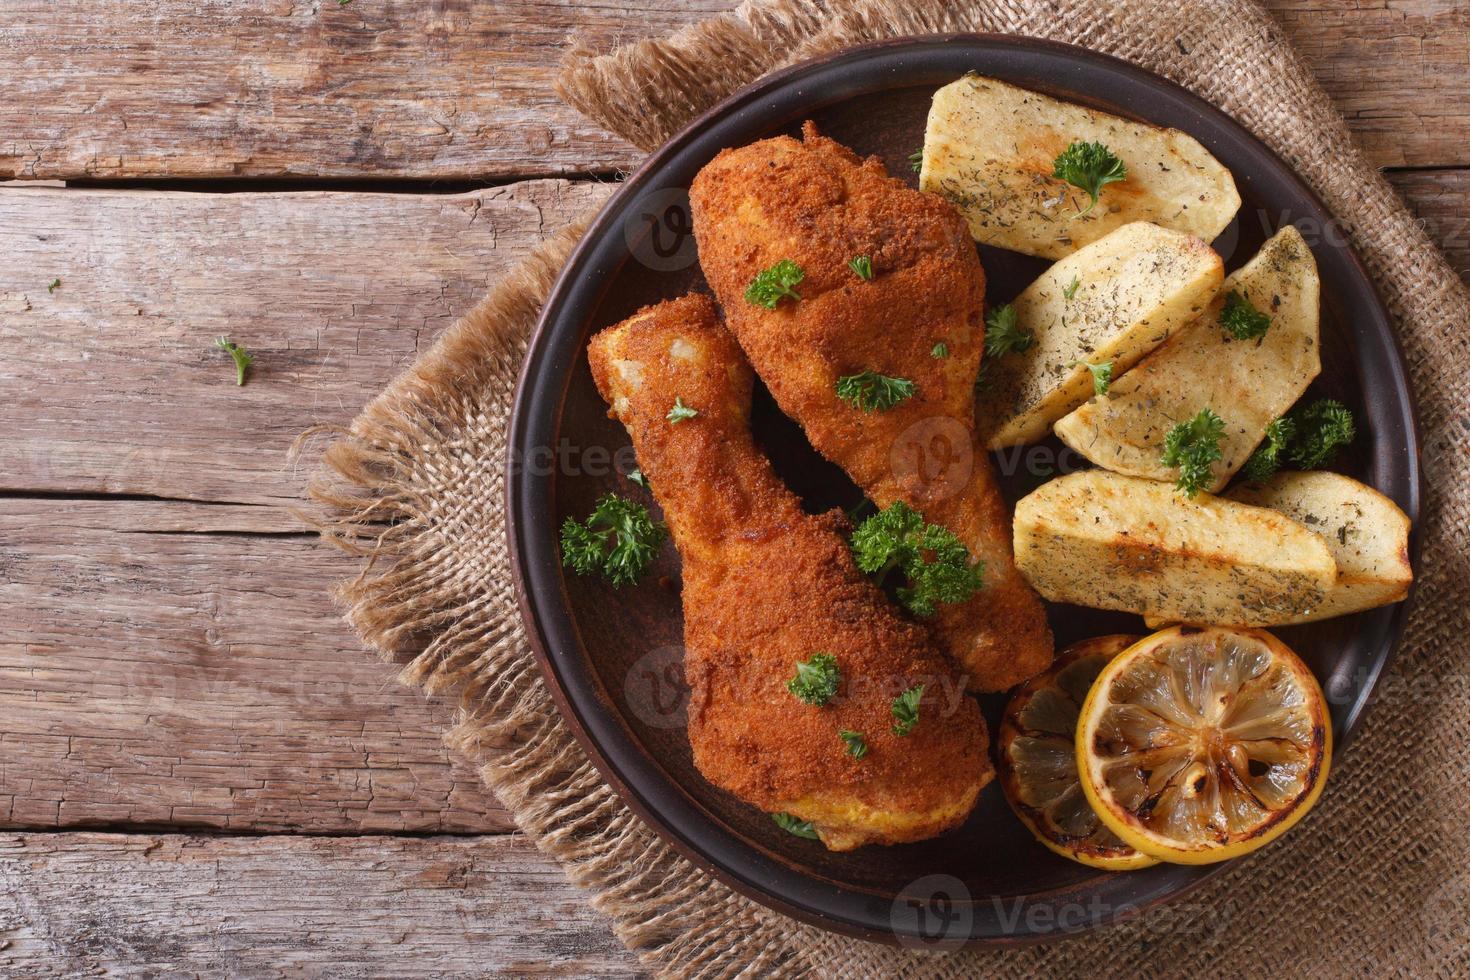 kippenpoten in beslag, met aardappel op plaat close-up. top foto